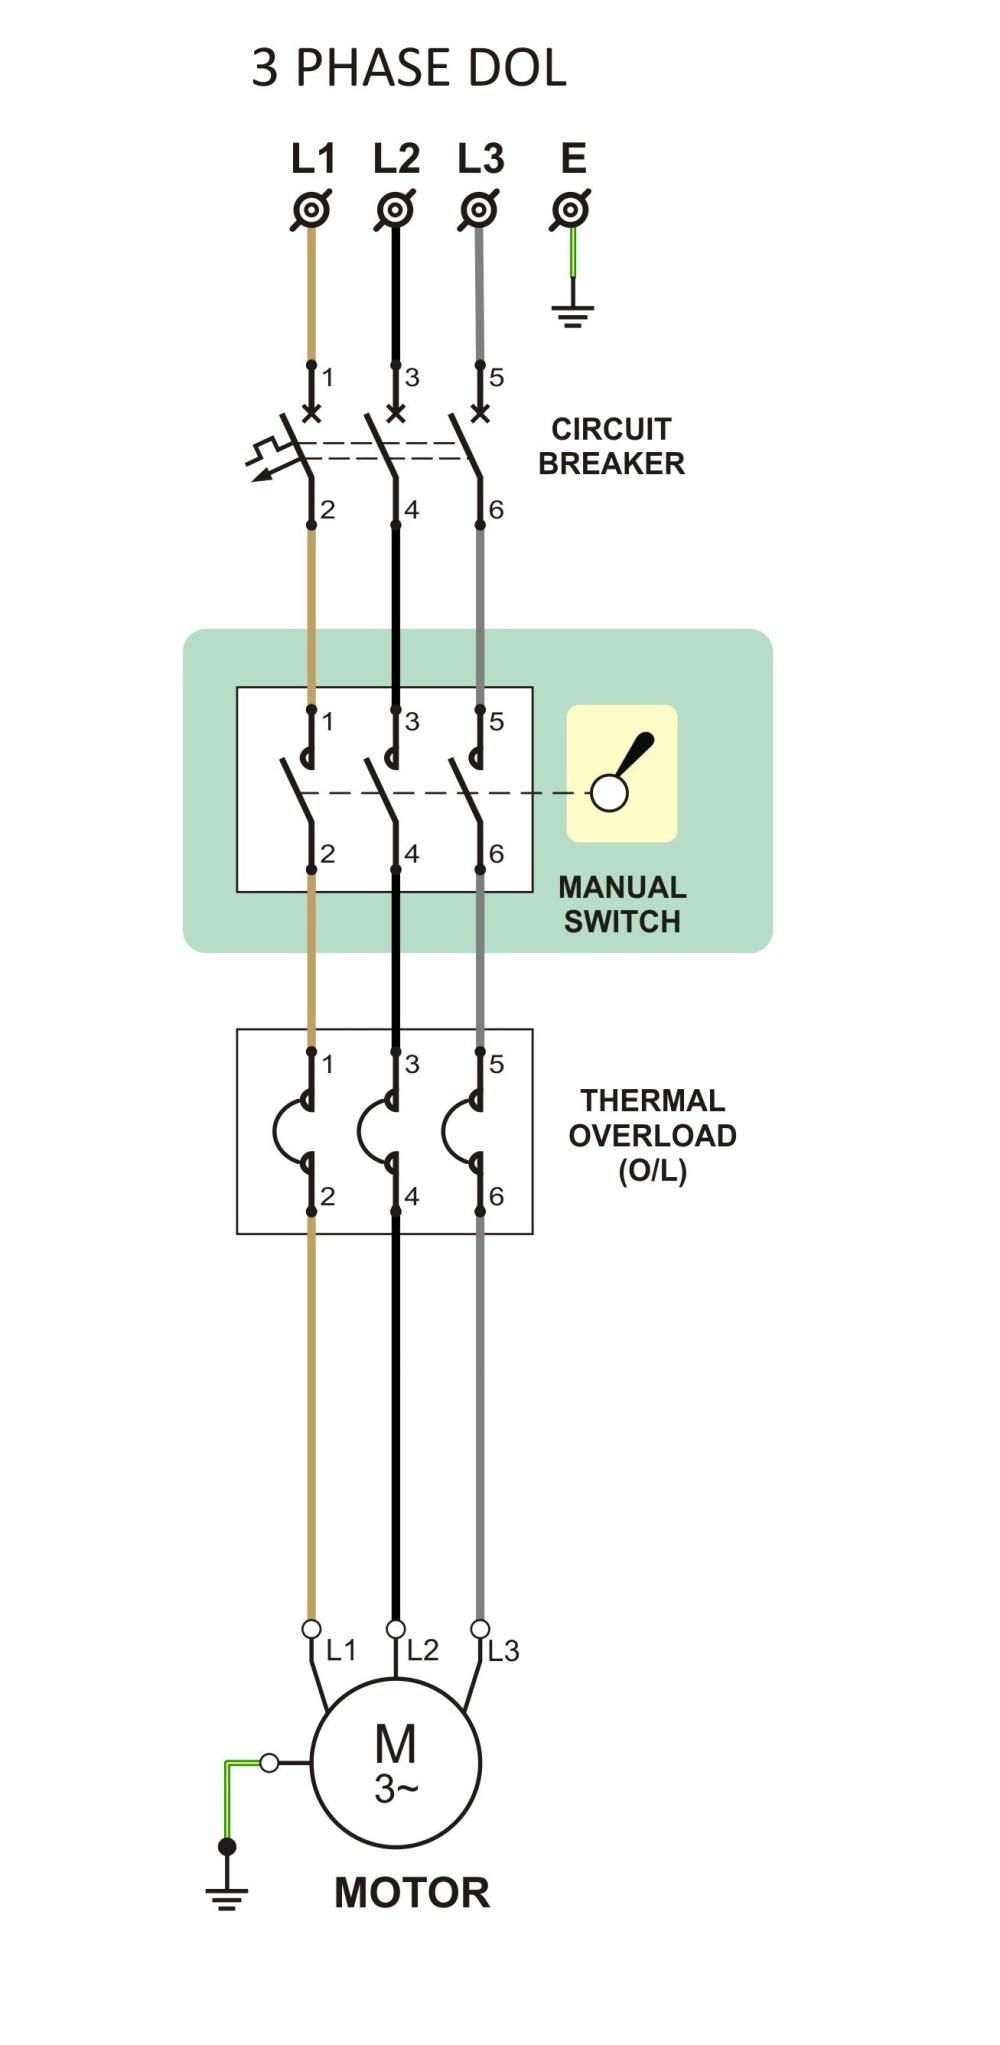 medium resolution of berikut ini adalah contoh rangkaian yang sering di gunakan pada rumah tangga atapun industry kecil rangkaian ini bisa diterapkan pada beban listrik seperti